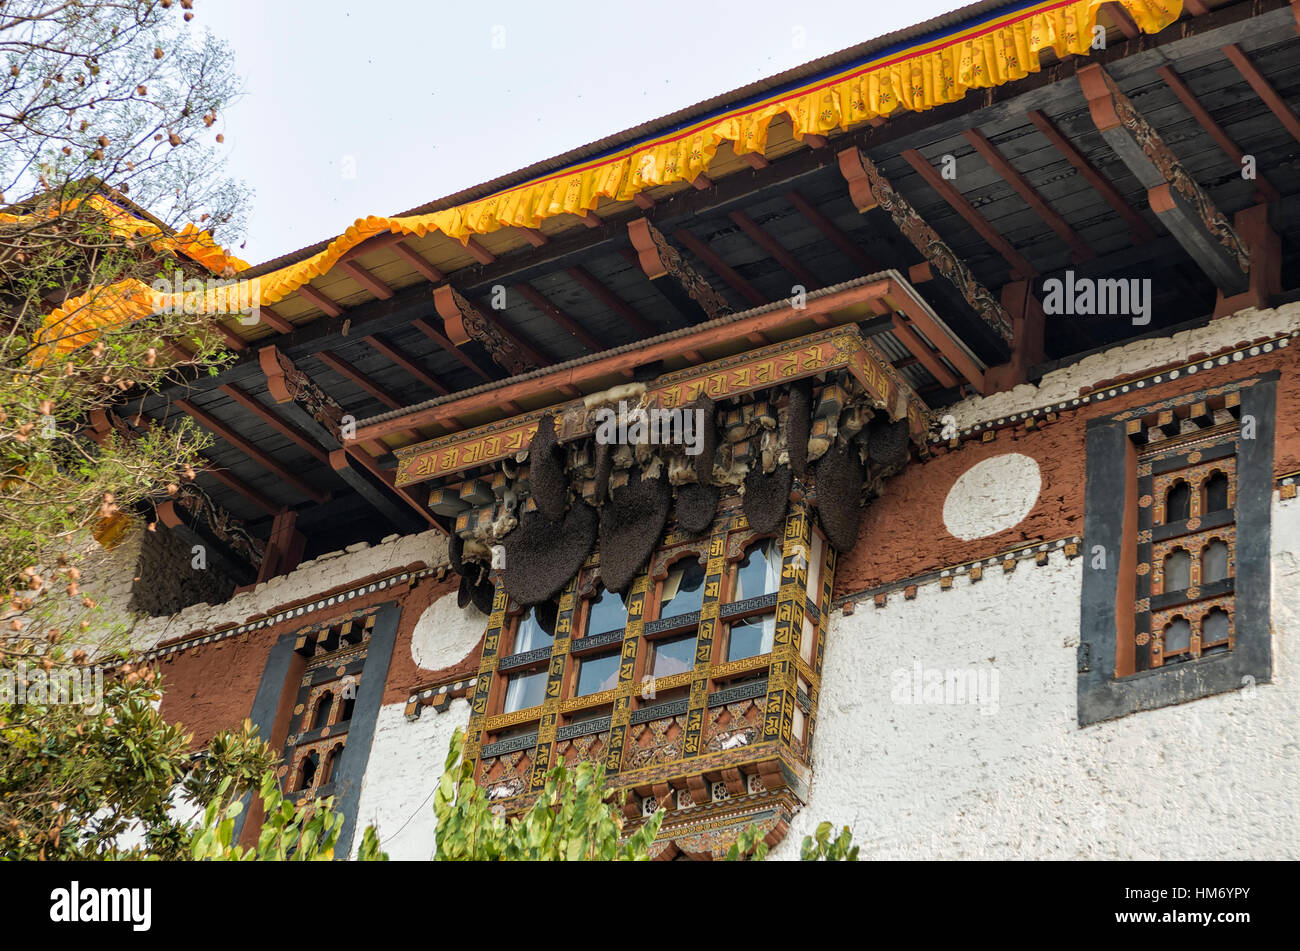 bees honeycomb built at the roof of Punakha Dzong, Bhutan - Punakha Dzong or Pungthang Dewachen Phodrang (Palace - Stock Image